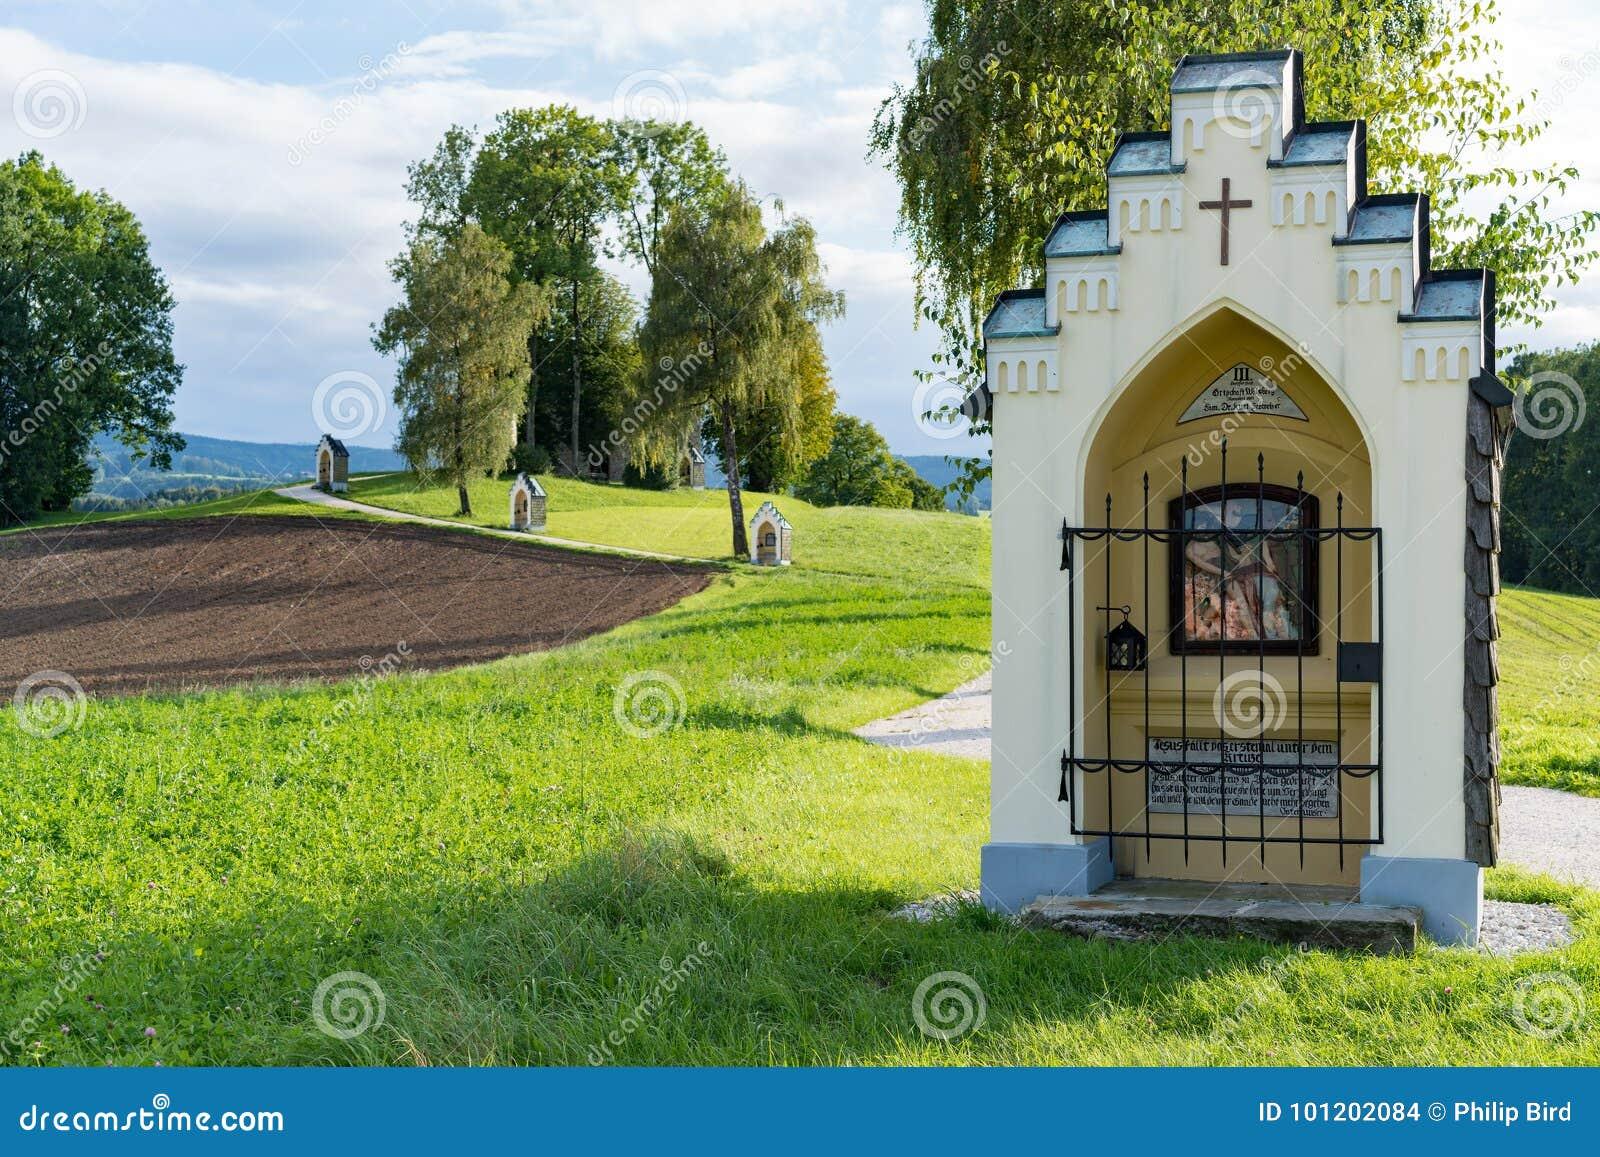 ST GEORGEN, AUSTRIA SEPTENTRIONAL /AUSTRIA - 15 DE SEPTIEMBRE: Calvary Chur